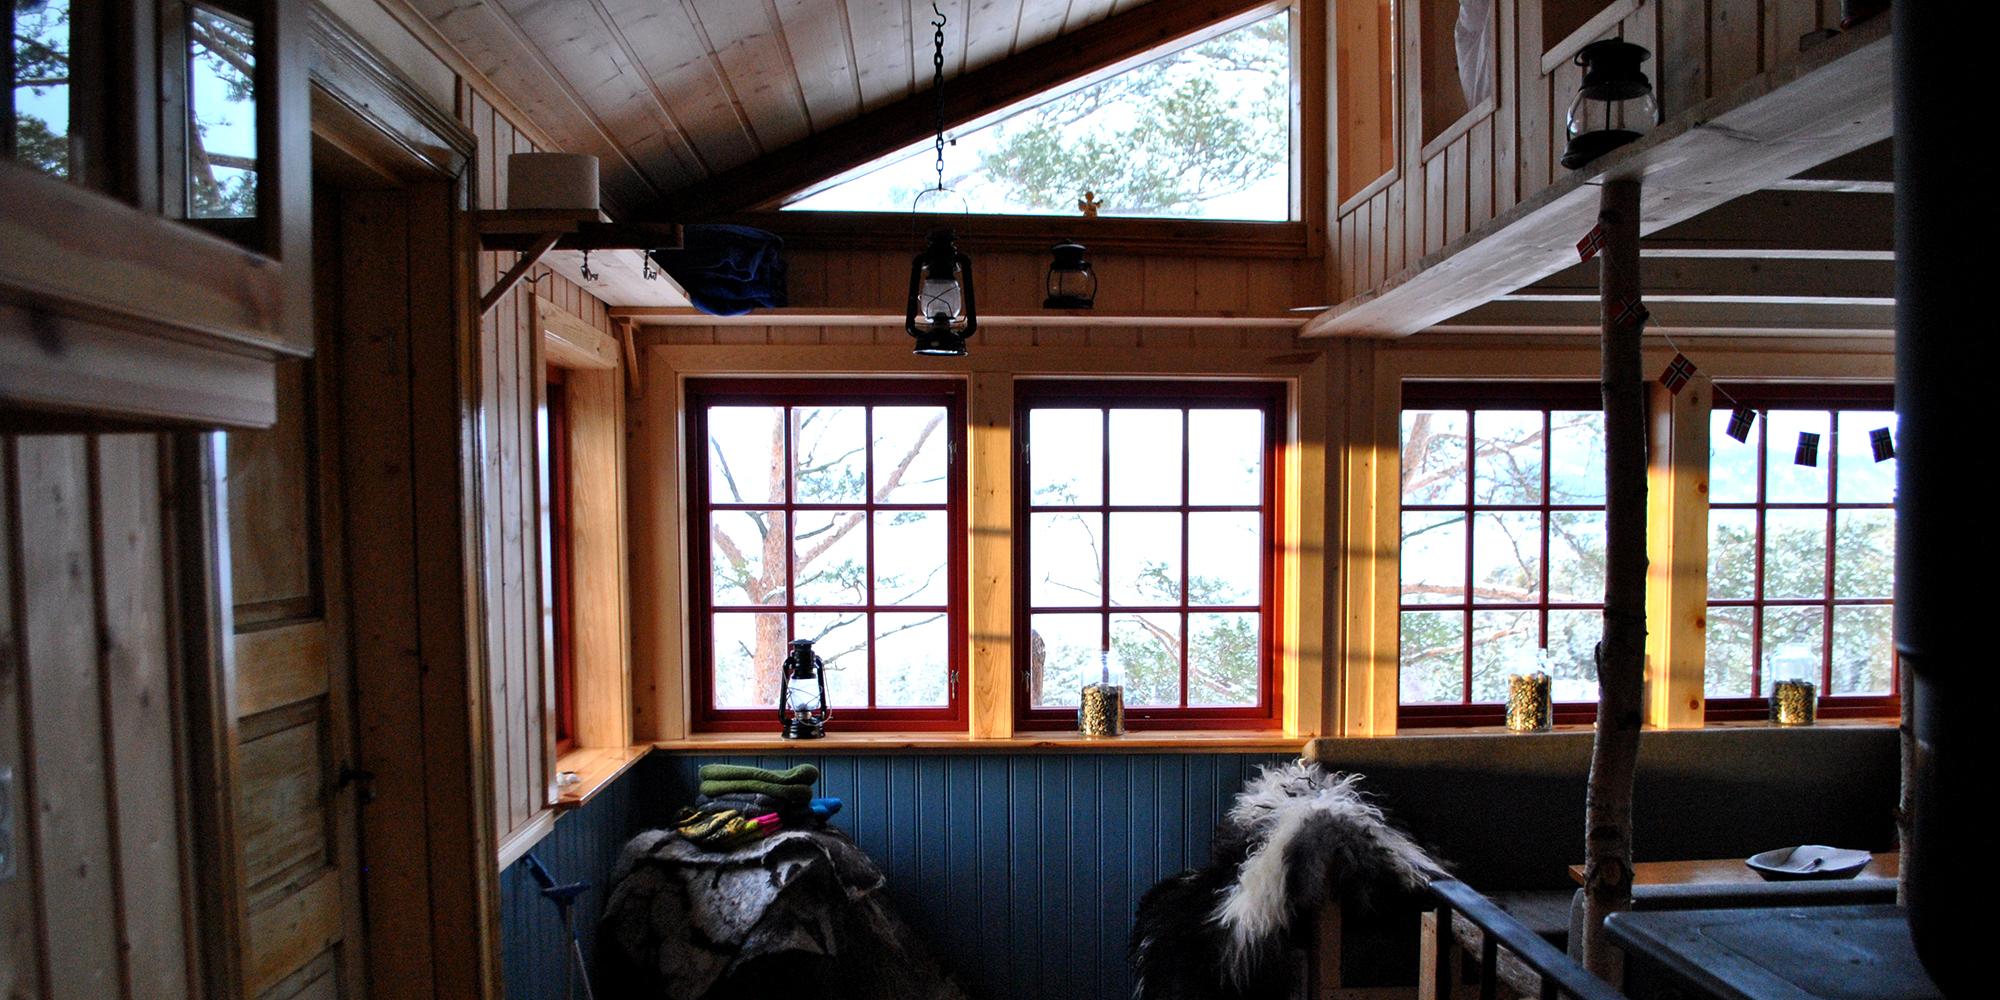 The interior of Spettspiret cabin at Letnes Farm in Inderøy. Copyright: Letnes Gård